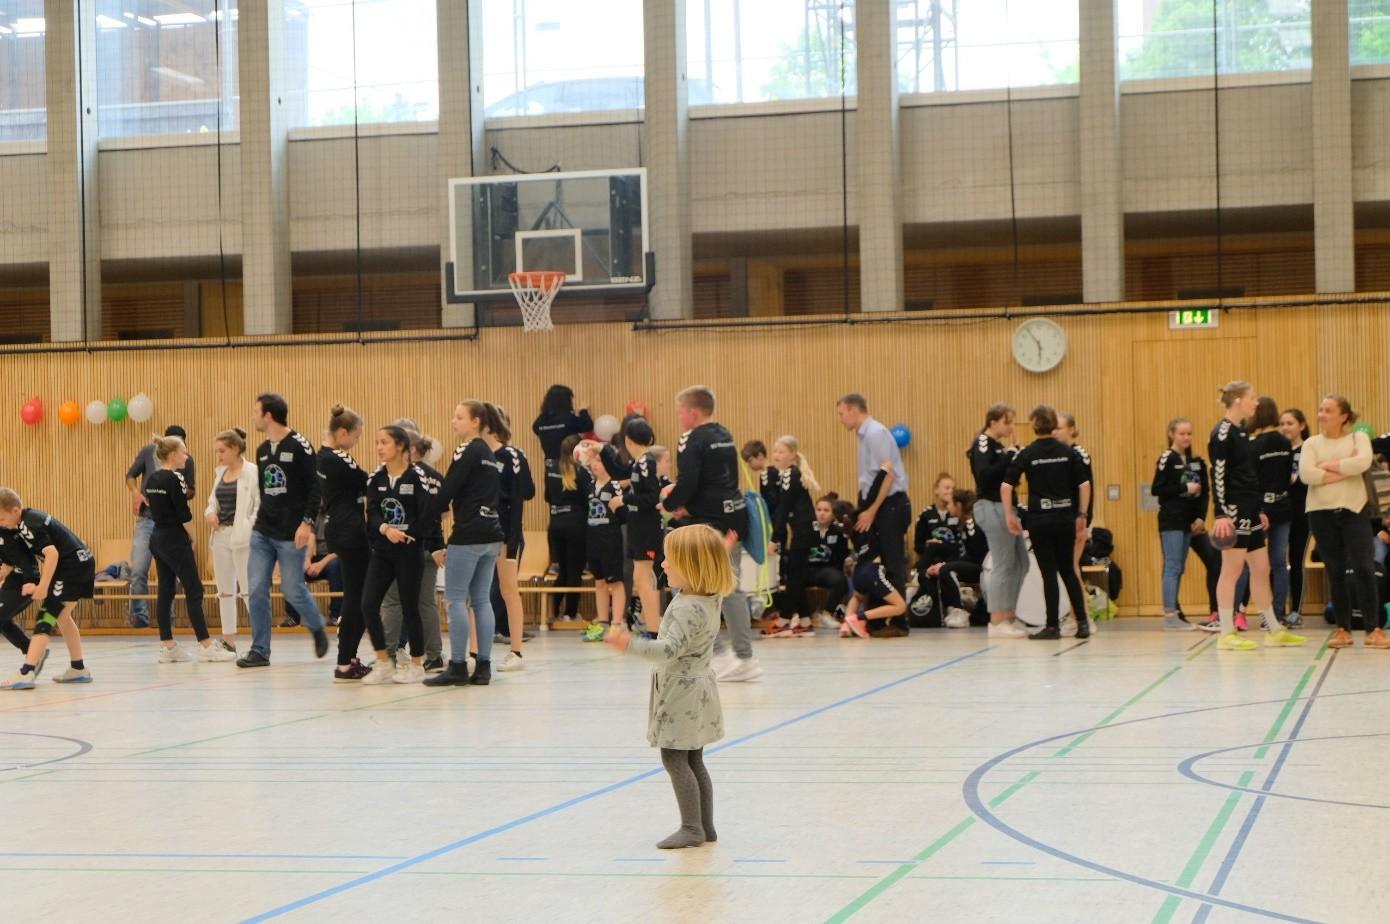 Wenn ich groß bin, will ich Handballerin werden!   Na, dann fang schonmal an und komm vorbei.  Jeden Montag von 15:00 bis 16:00 Uhr treffen sich unsere 3-6- jährigen Jungs und Mädels in der Riegerhofhalle, um erste Bewegungserfahrungen mit und ohne Ball zu sammeln. Die Bambinis gibt es nun schon über zwei Jahre und sie sind fester Bestandteil der Handballkids geworden.  Am Wochenende haben sie noch frei. Wir rennen, purzeln, balancieren, springen, werfen, schießen, rollen, klettern und spielen. Wir sind sehr stolz, wenn wir wieder etwas Neues dazugelernt haben. Unsere Eltern auch???? Habt Mut und macht mit!